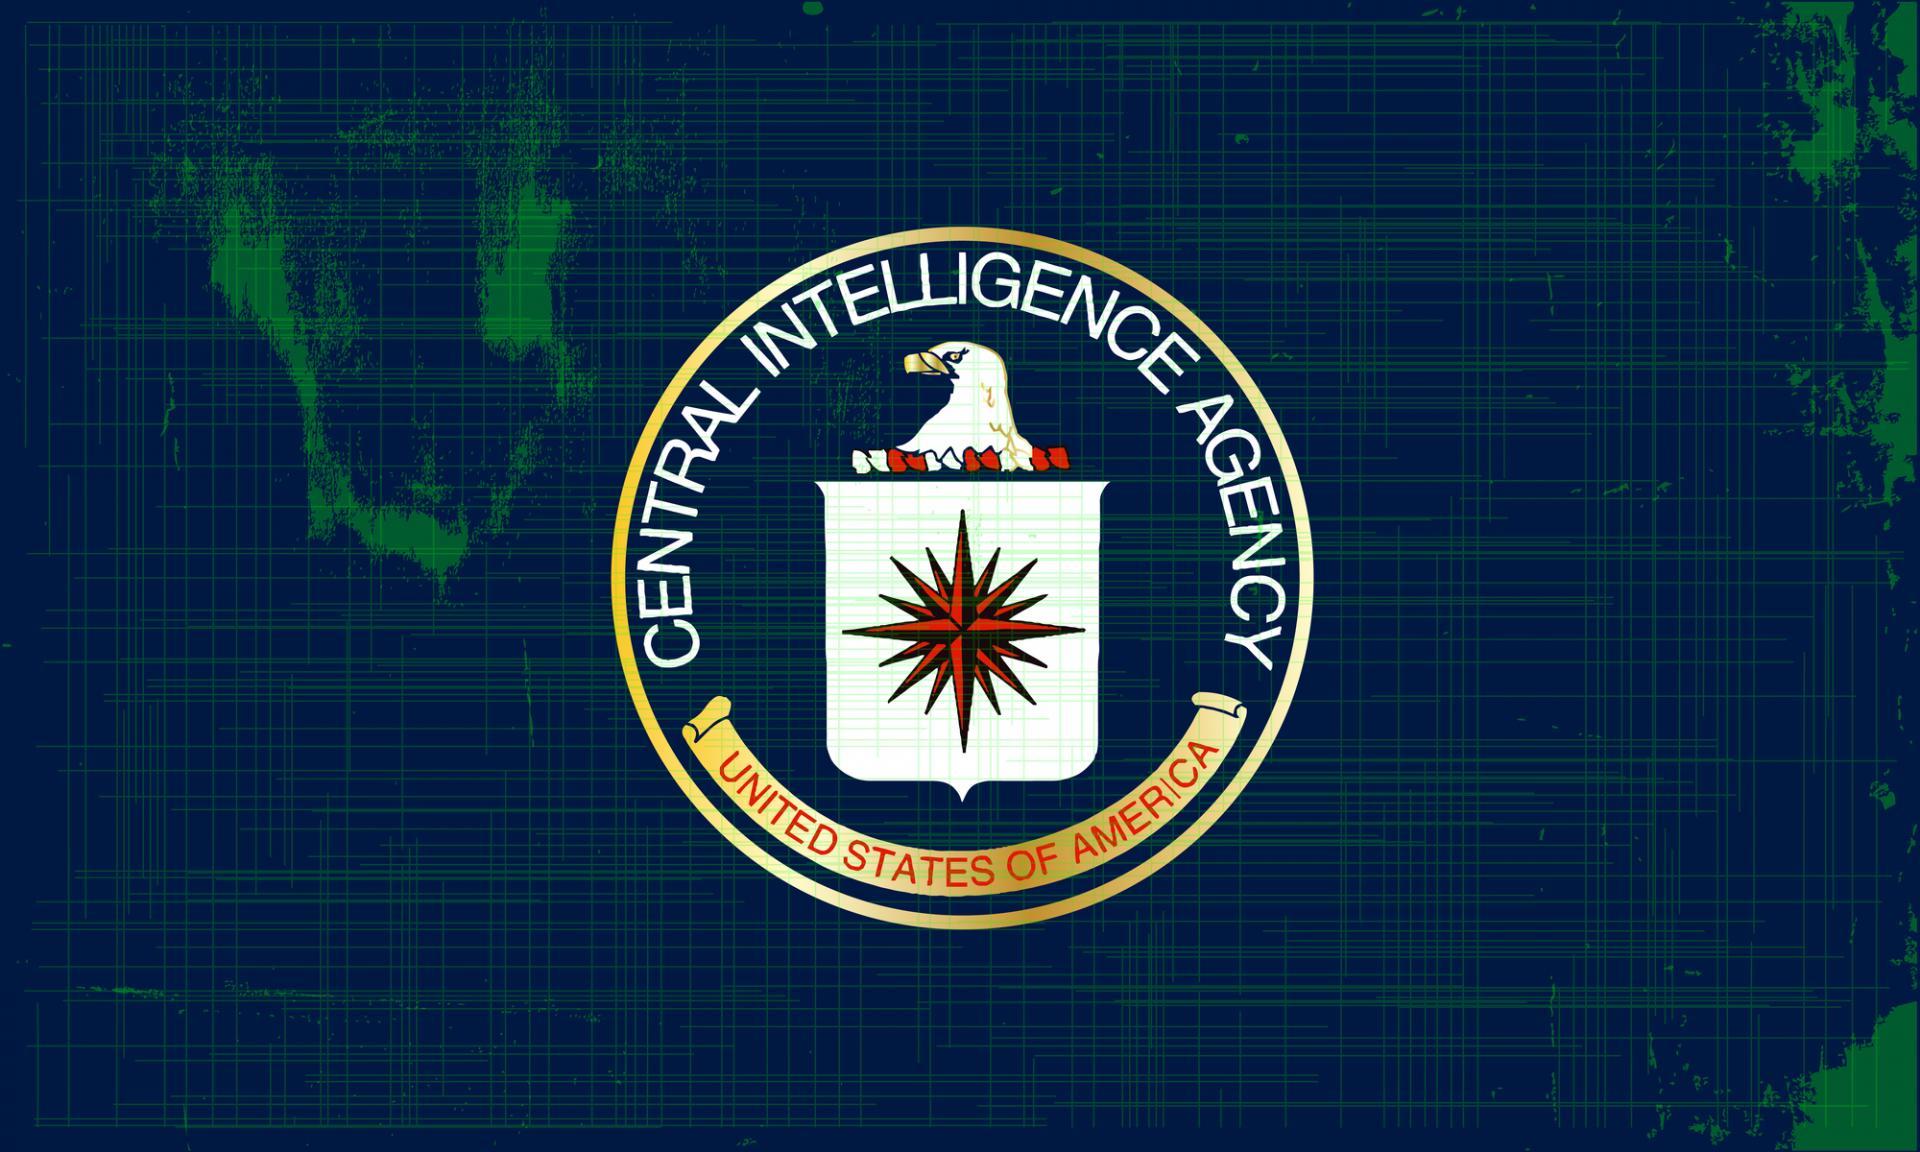 La CIA in grado di spiare FBI e NSA grazie ad ExpressLane